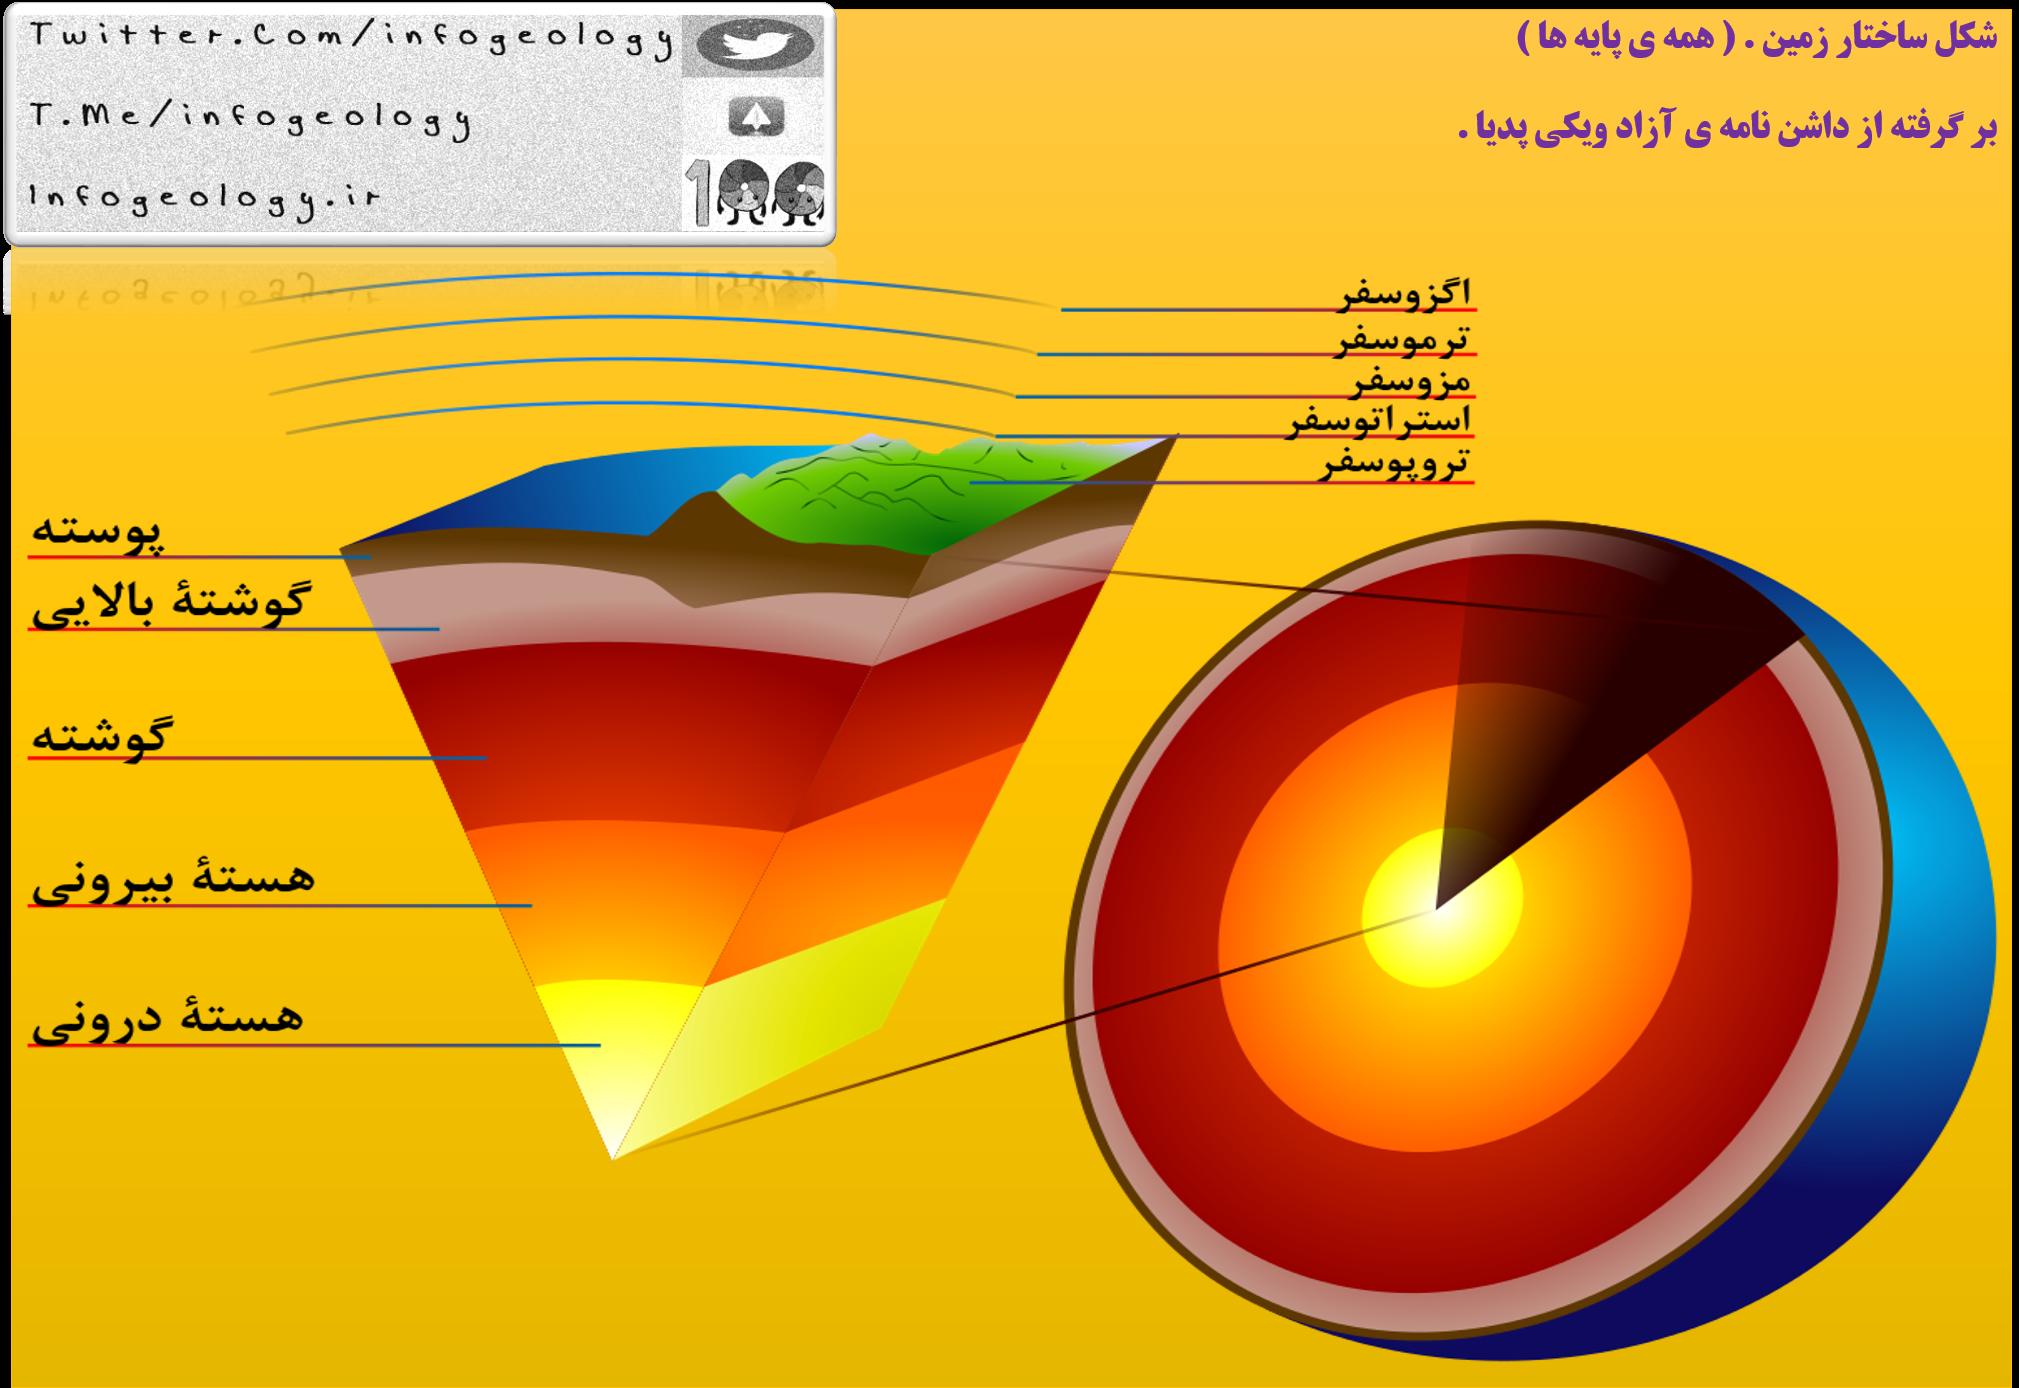 186 - شکل ساختار زمین .